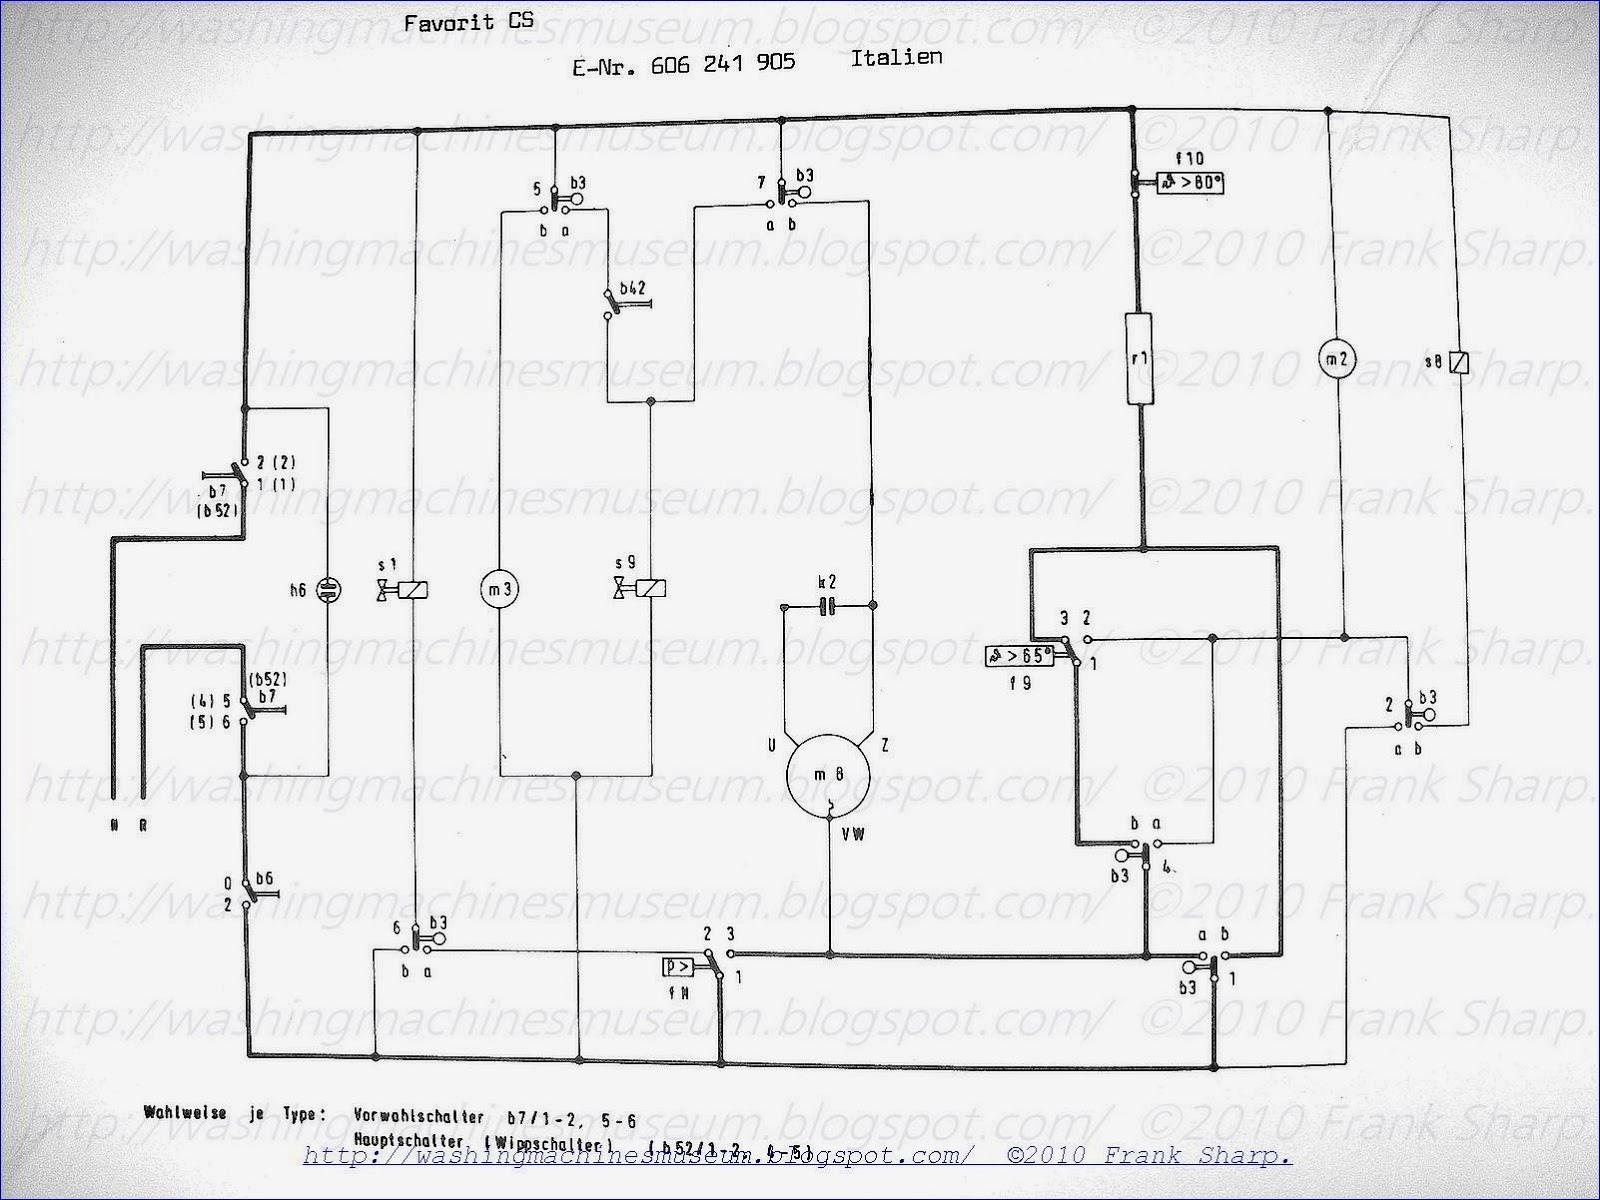 imgh 06641 wms aeg motor wiring diagram aeg motor controls u2022 free wiring diagrams simple washing machine [ 1600 x 1200 Pixel ]